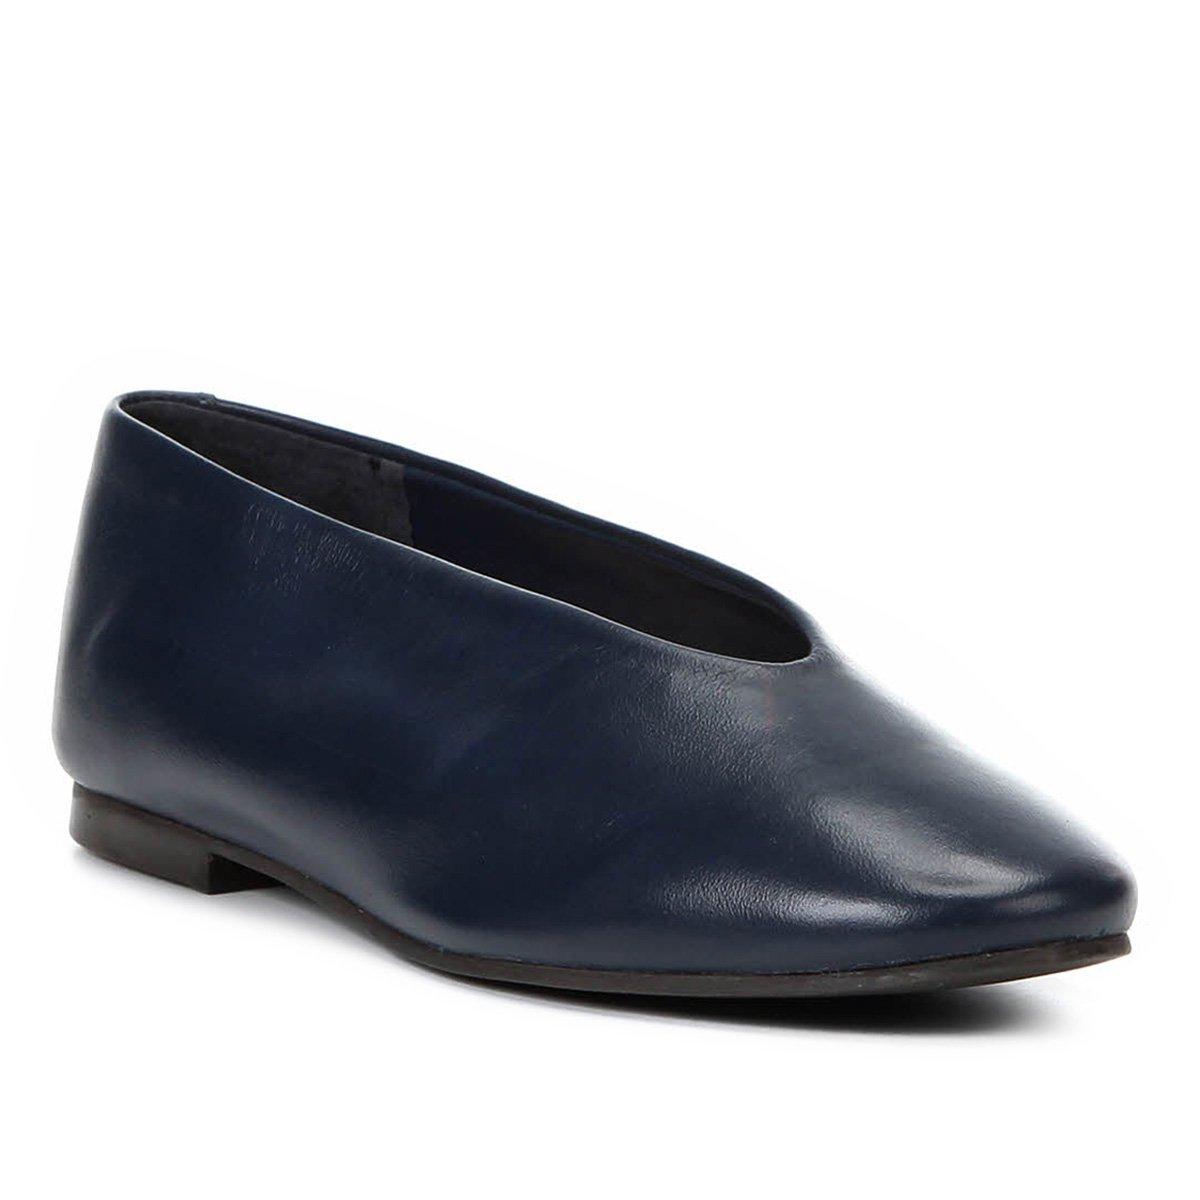 63e1cda2f Sapatilha Couro Shoestock Confort Feminina - Marinho | Shoestock